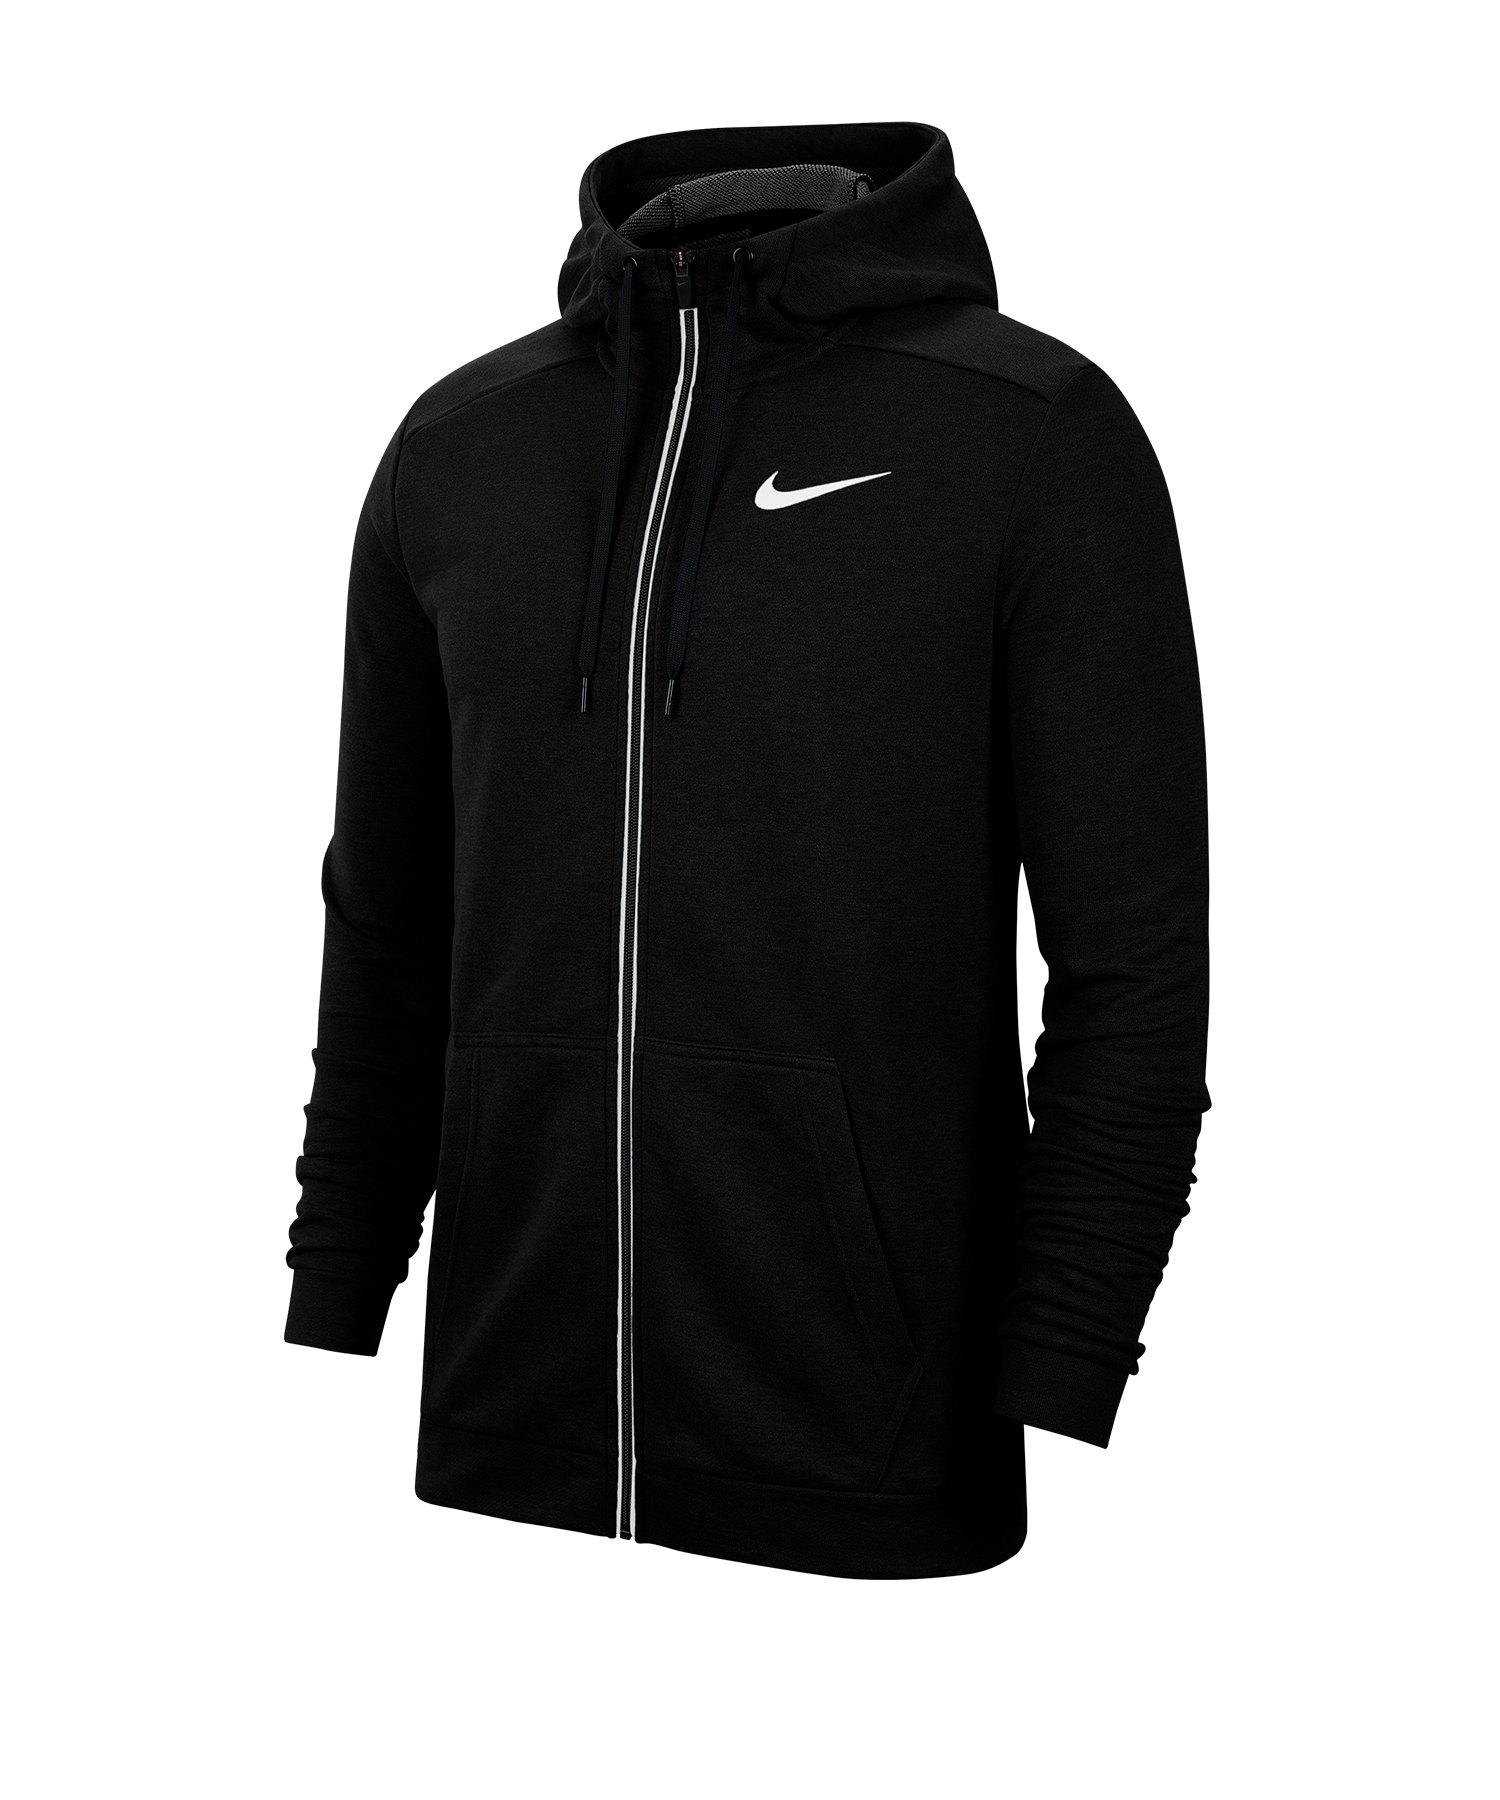 Nike Dri-FIT Kapuzenjacke Schwarz F010 - schwarz